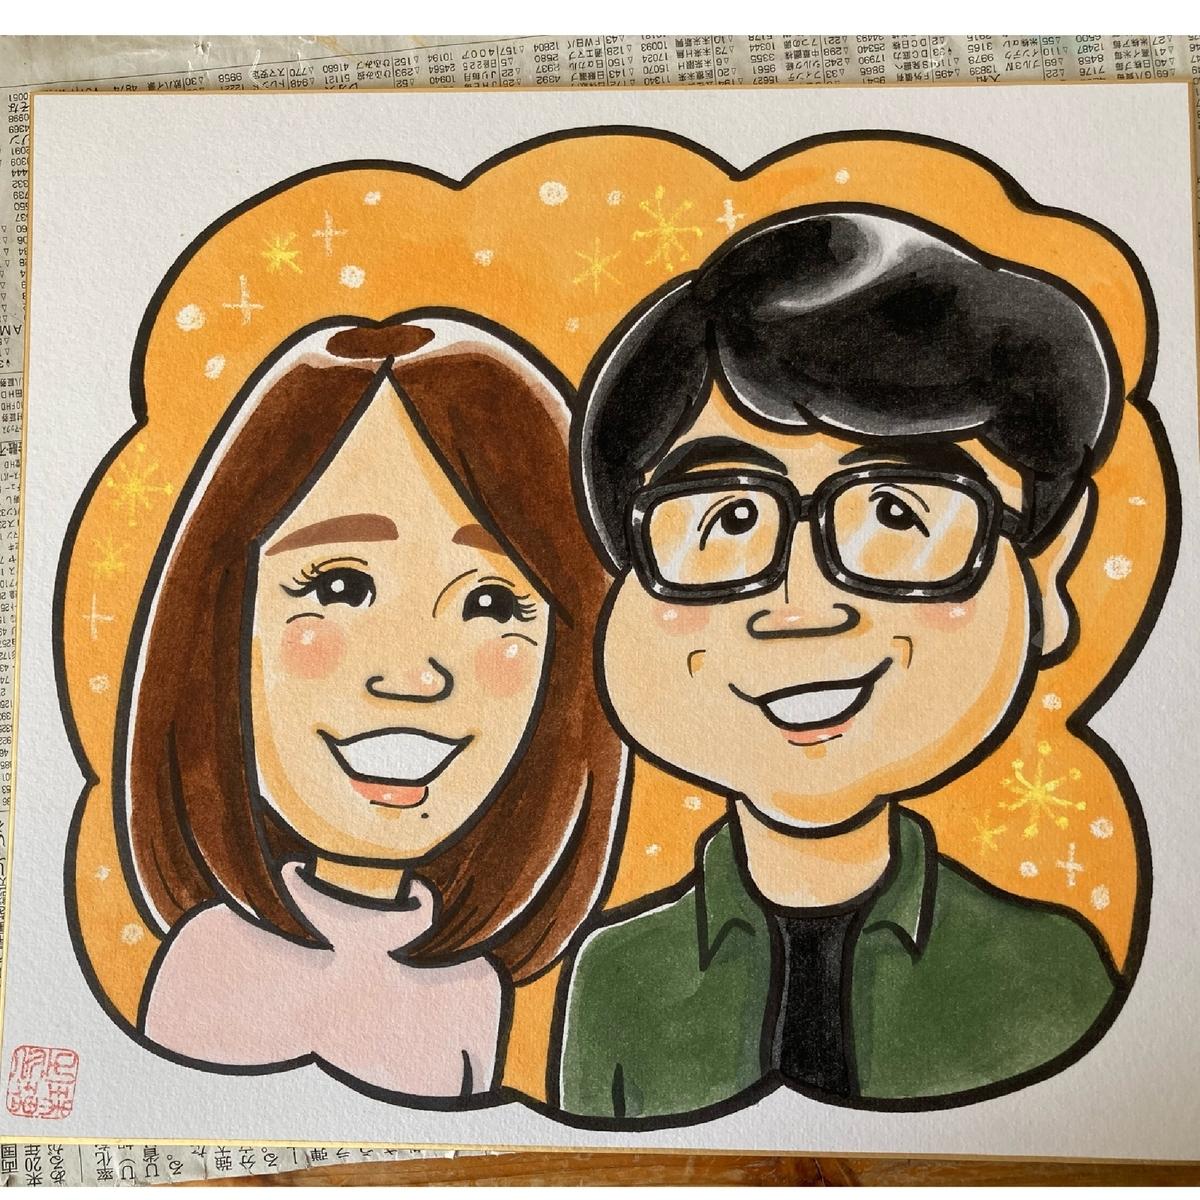 夫婦の似顔絵 北海道札幌の似顔絵作家高井じゅり 似顔絵ファクトリー